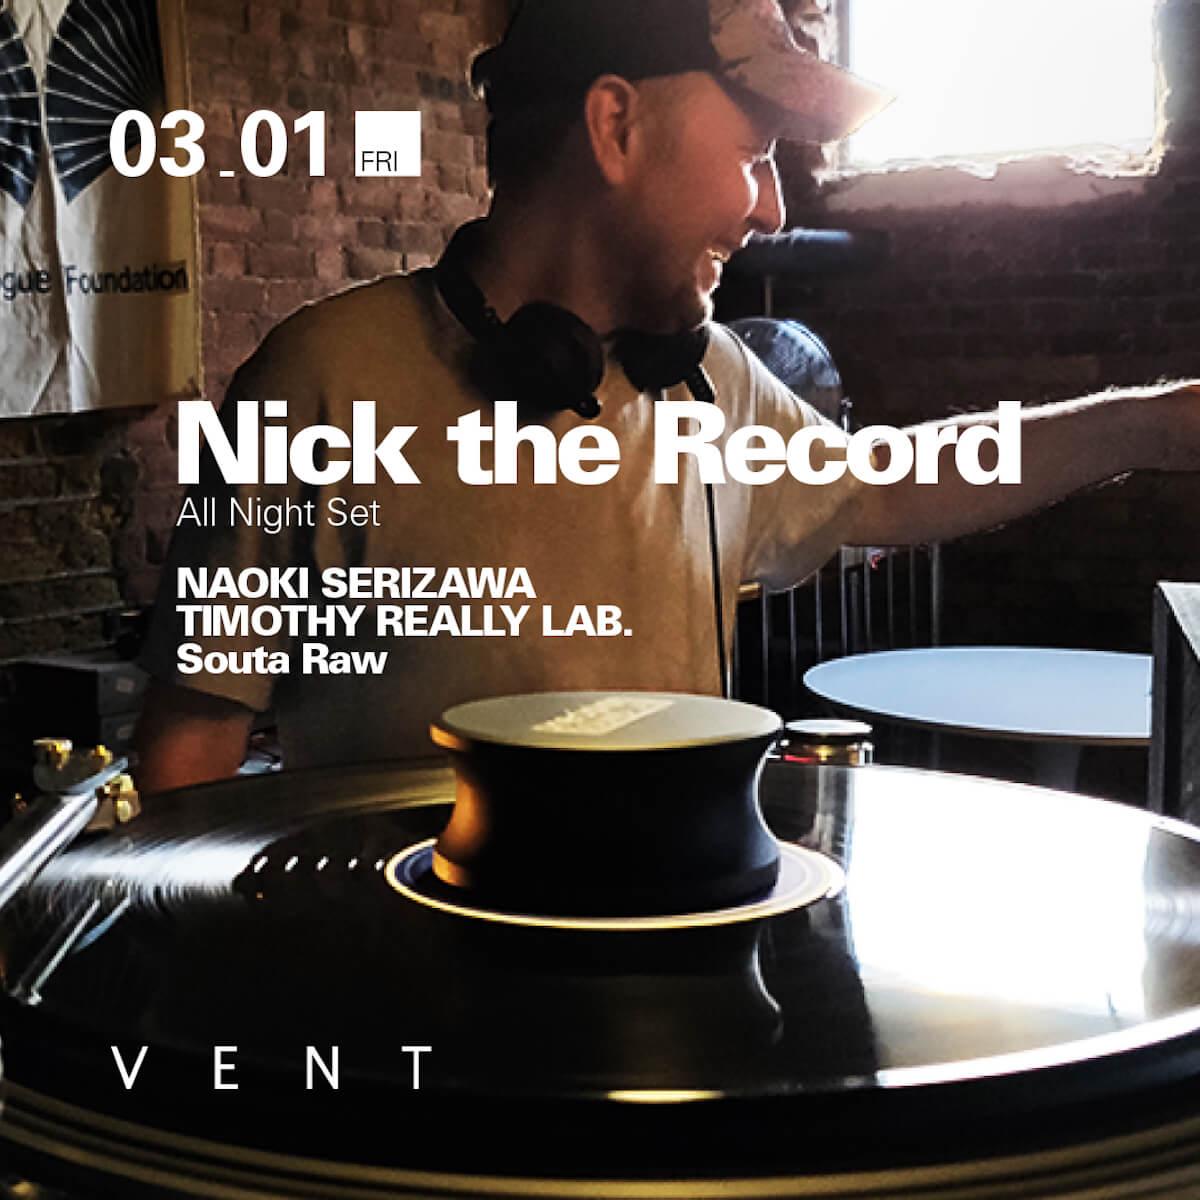 祝来日25周年!Nick the RecordがVENTで珠玉のオールナイトセットを披露! Nick-the-Record-1